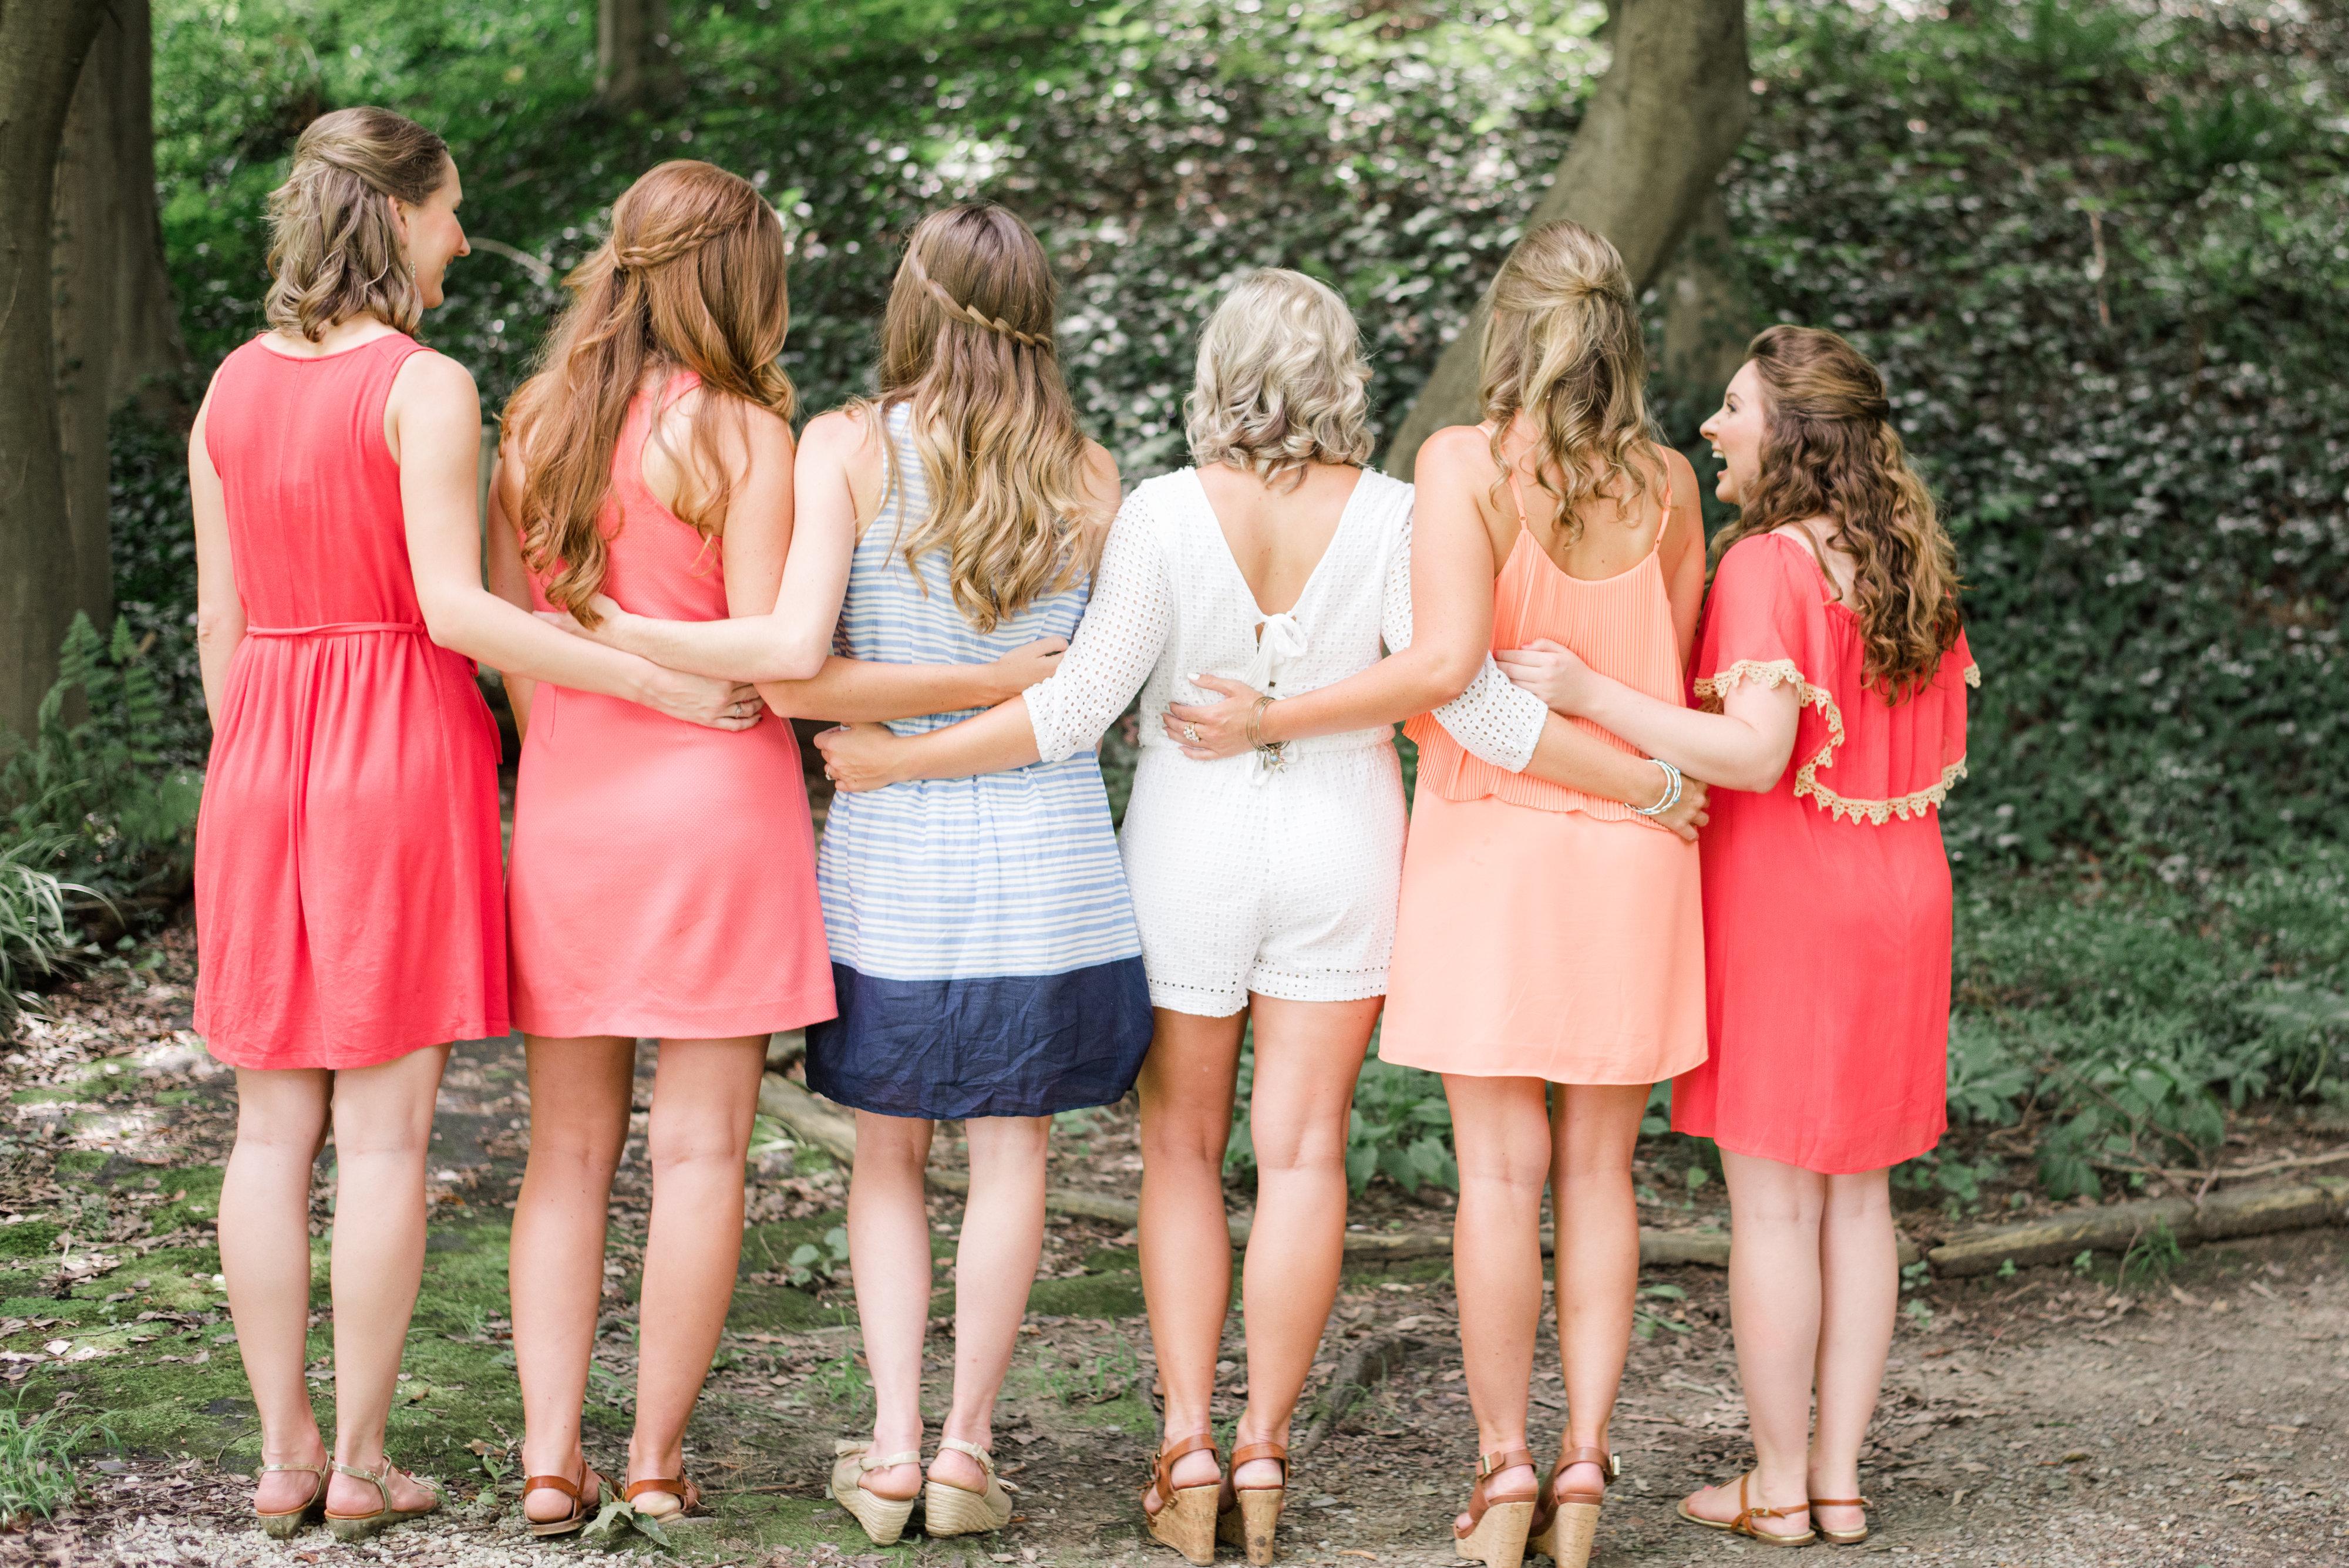 Strawberry Lemonade Bridal Shower-The Girls-0033